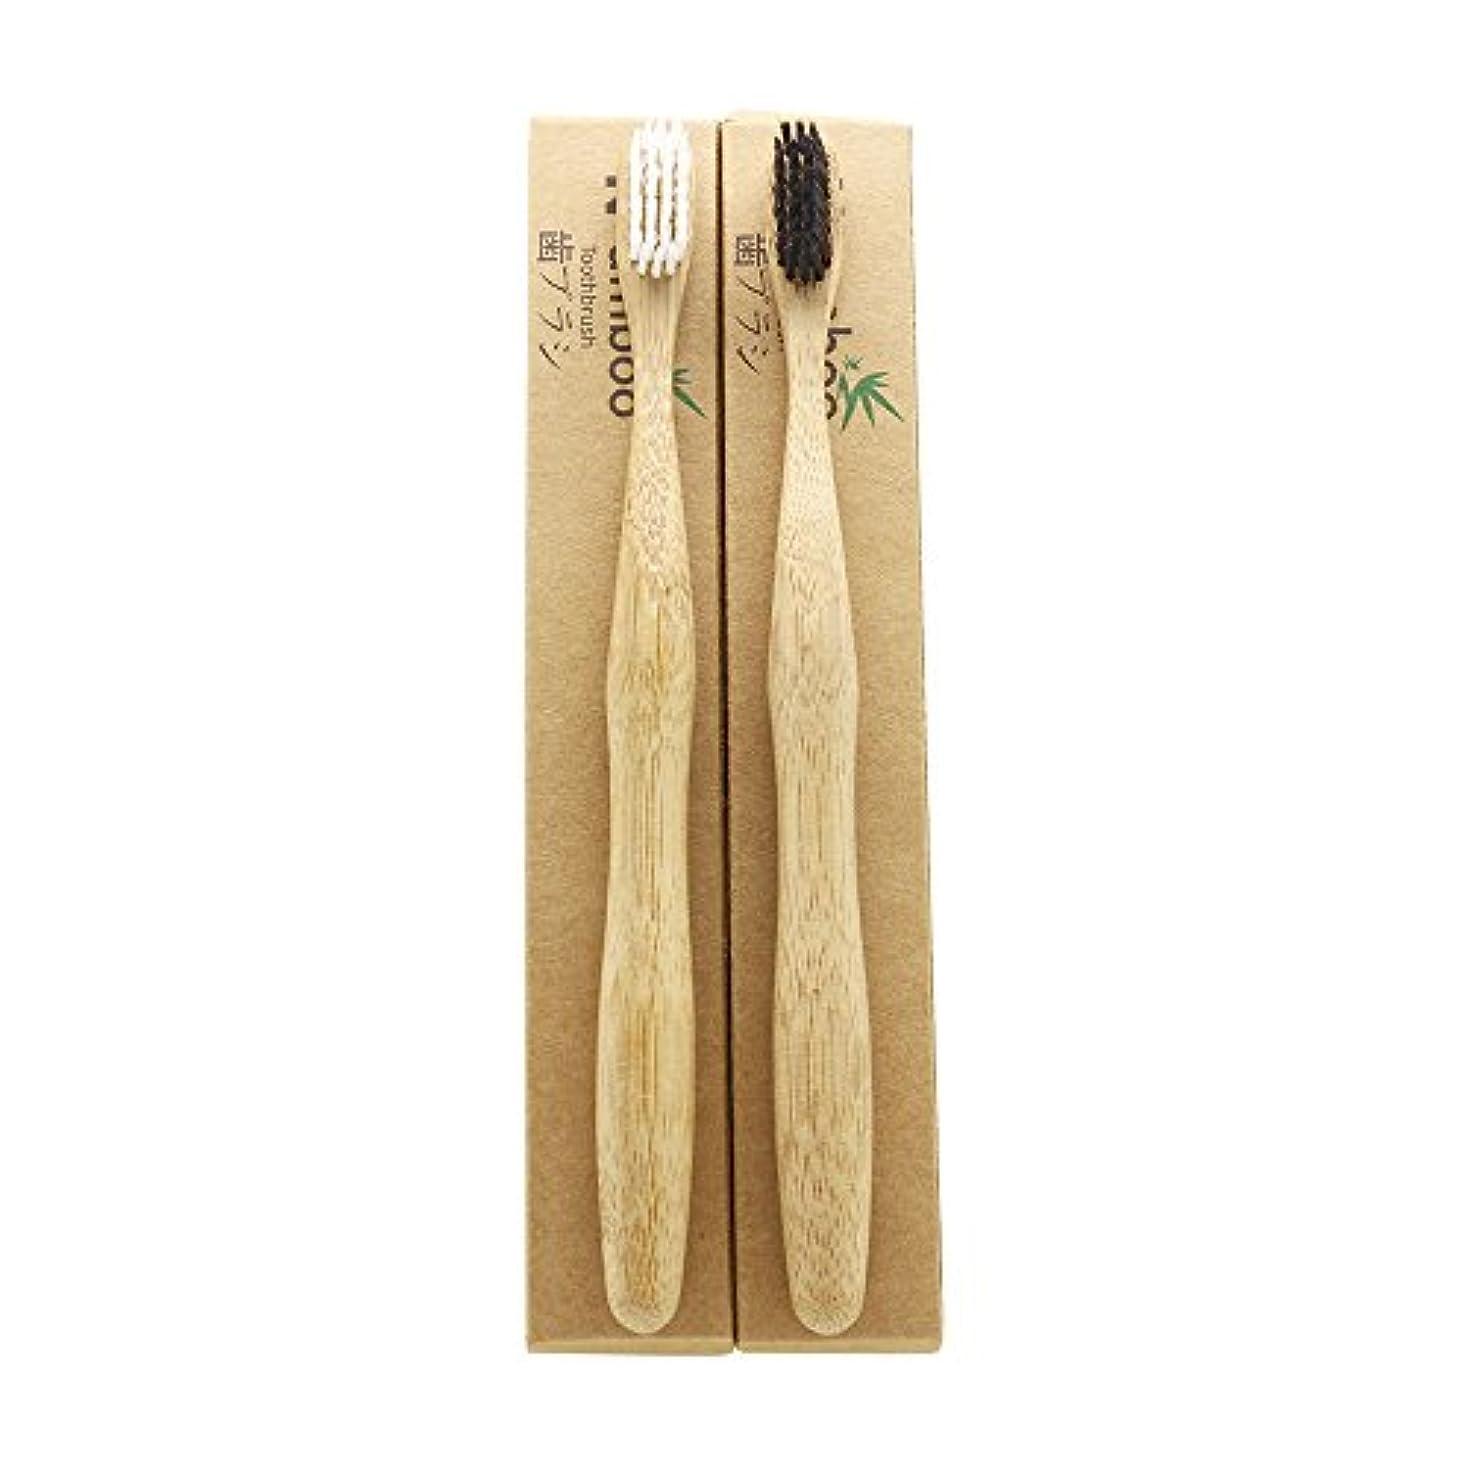 ペイントバイアスチートN-amboo 竹製 歯ブラシ 高耐久性 白と黒 セット エコ (2本)